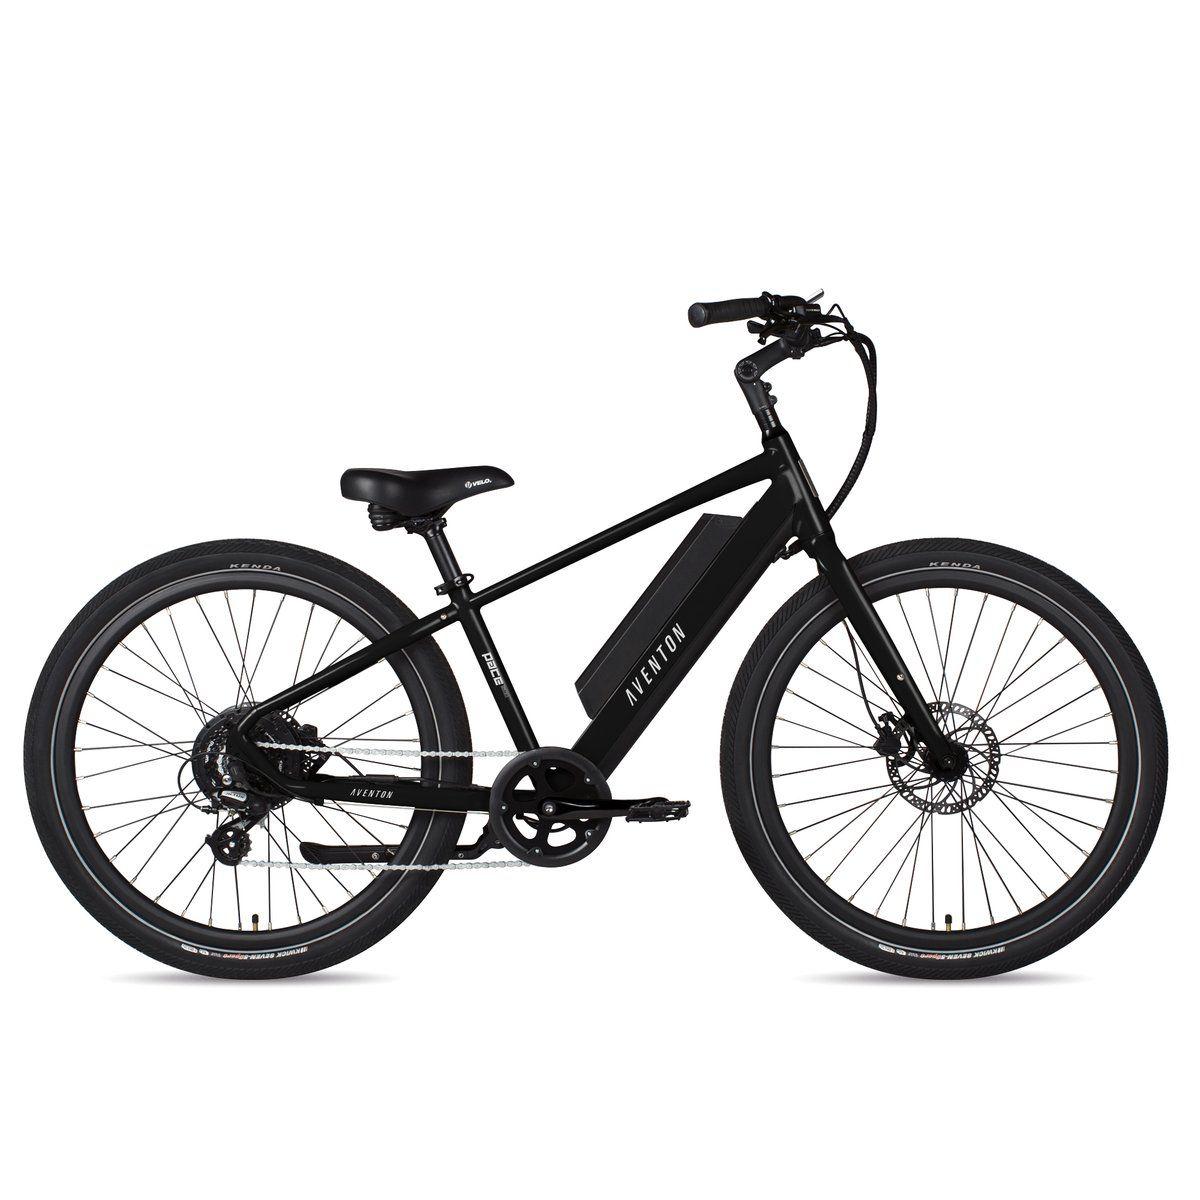 Pace 500 Ebike Electric Bike Bike Ebike